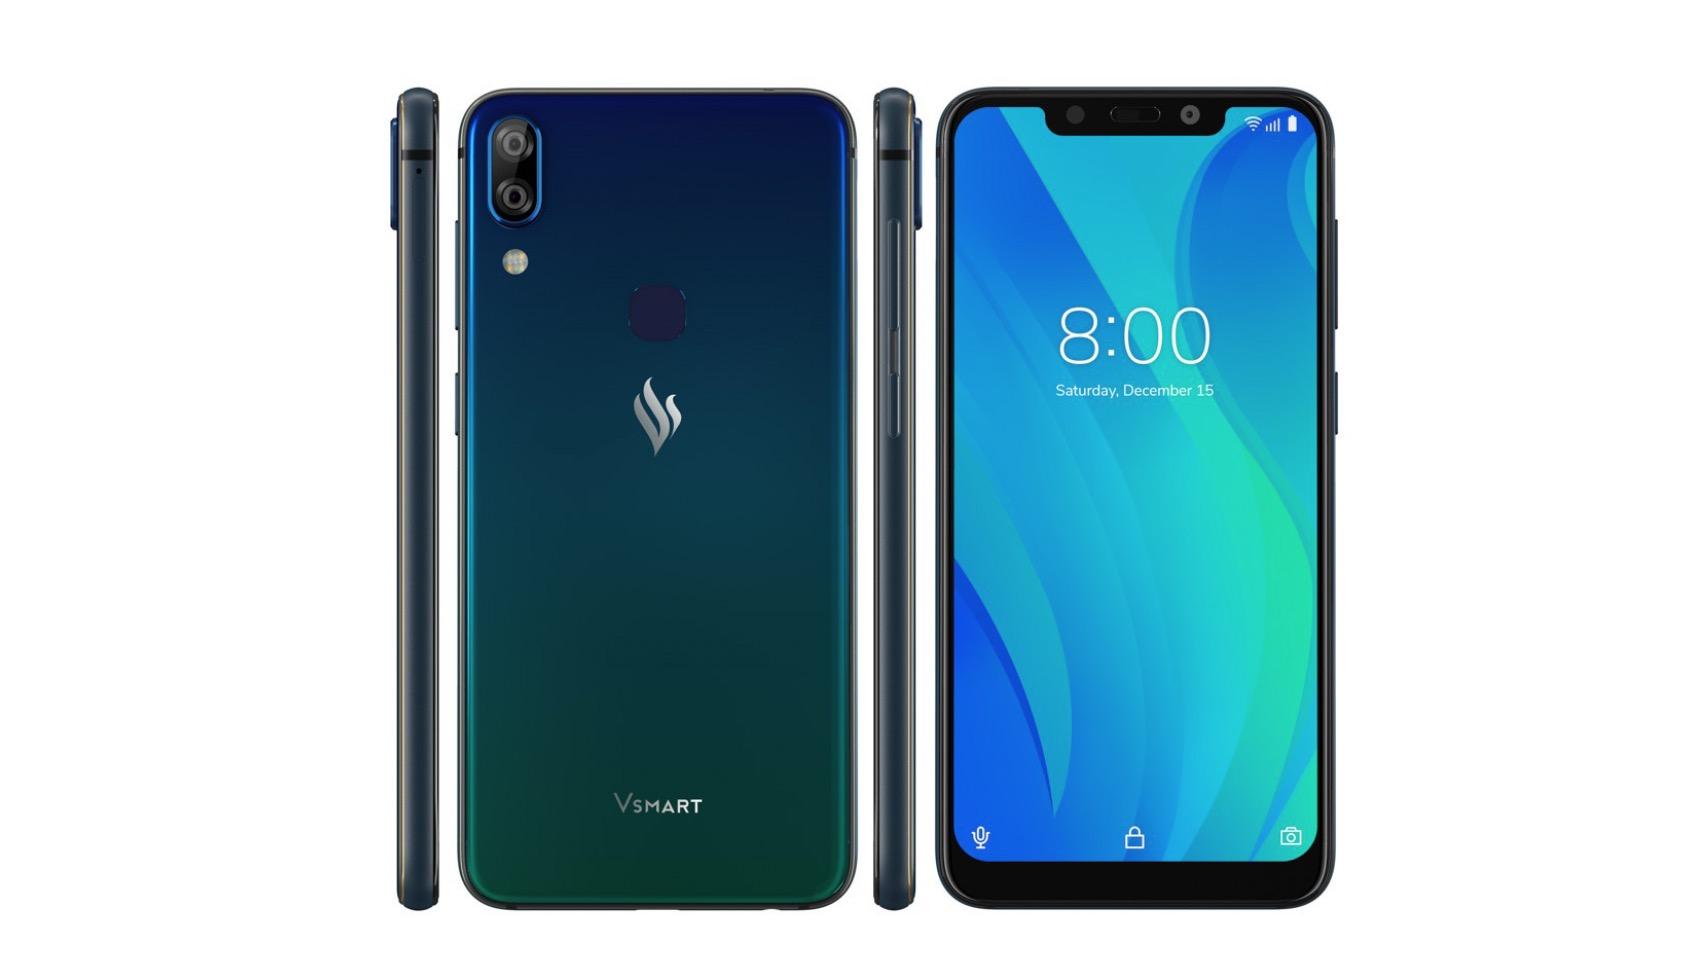 Lộ thiết kế và cấu hình chi tiết của 4 chiếc điện thoại Vsmart trước giờ thời điểm ra mắt vào ngay 14/12